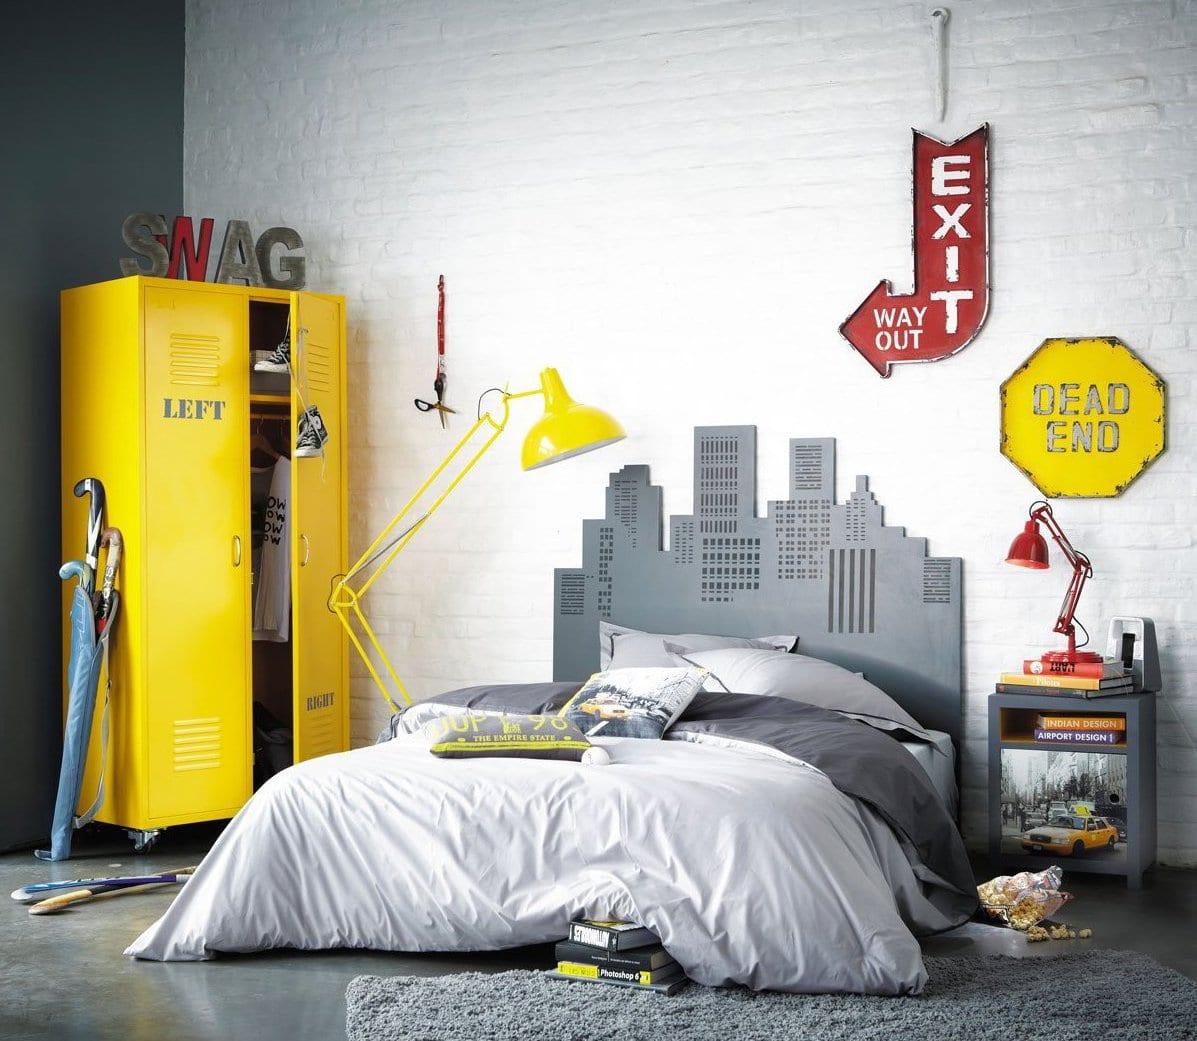 schlafzimmer grau mit kreativem kopfbrett als stadtsilhouette und kleiderschrank gelb aus metal